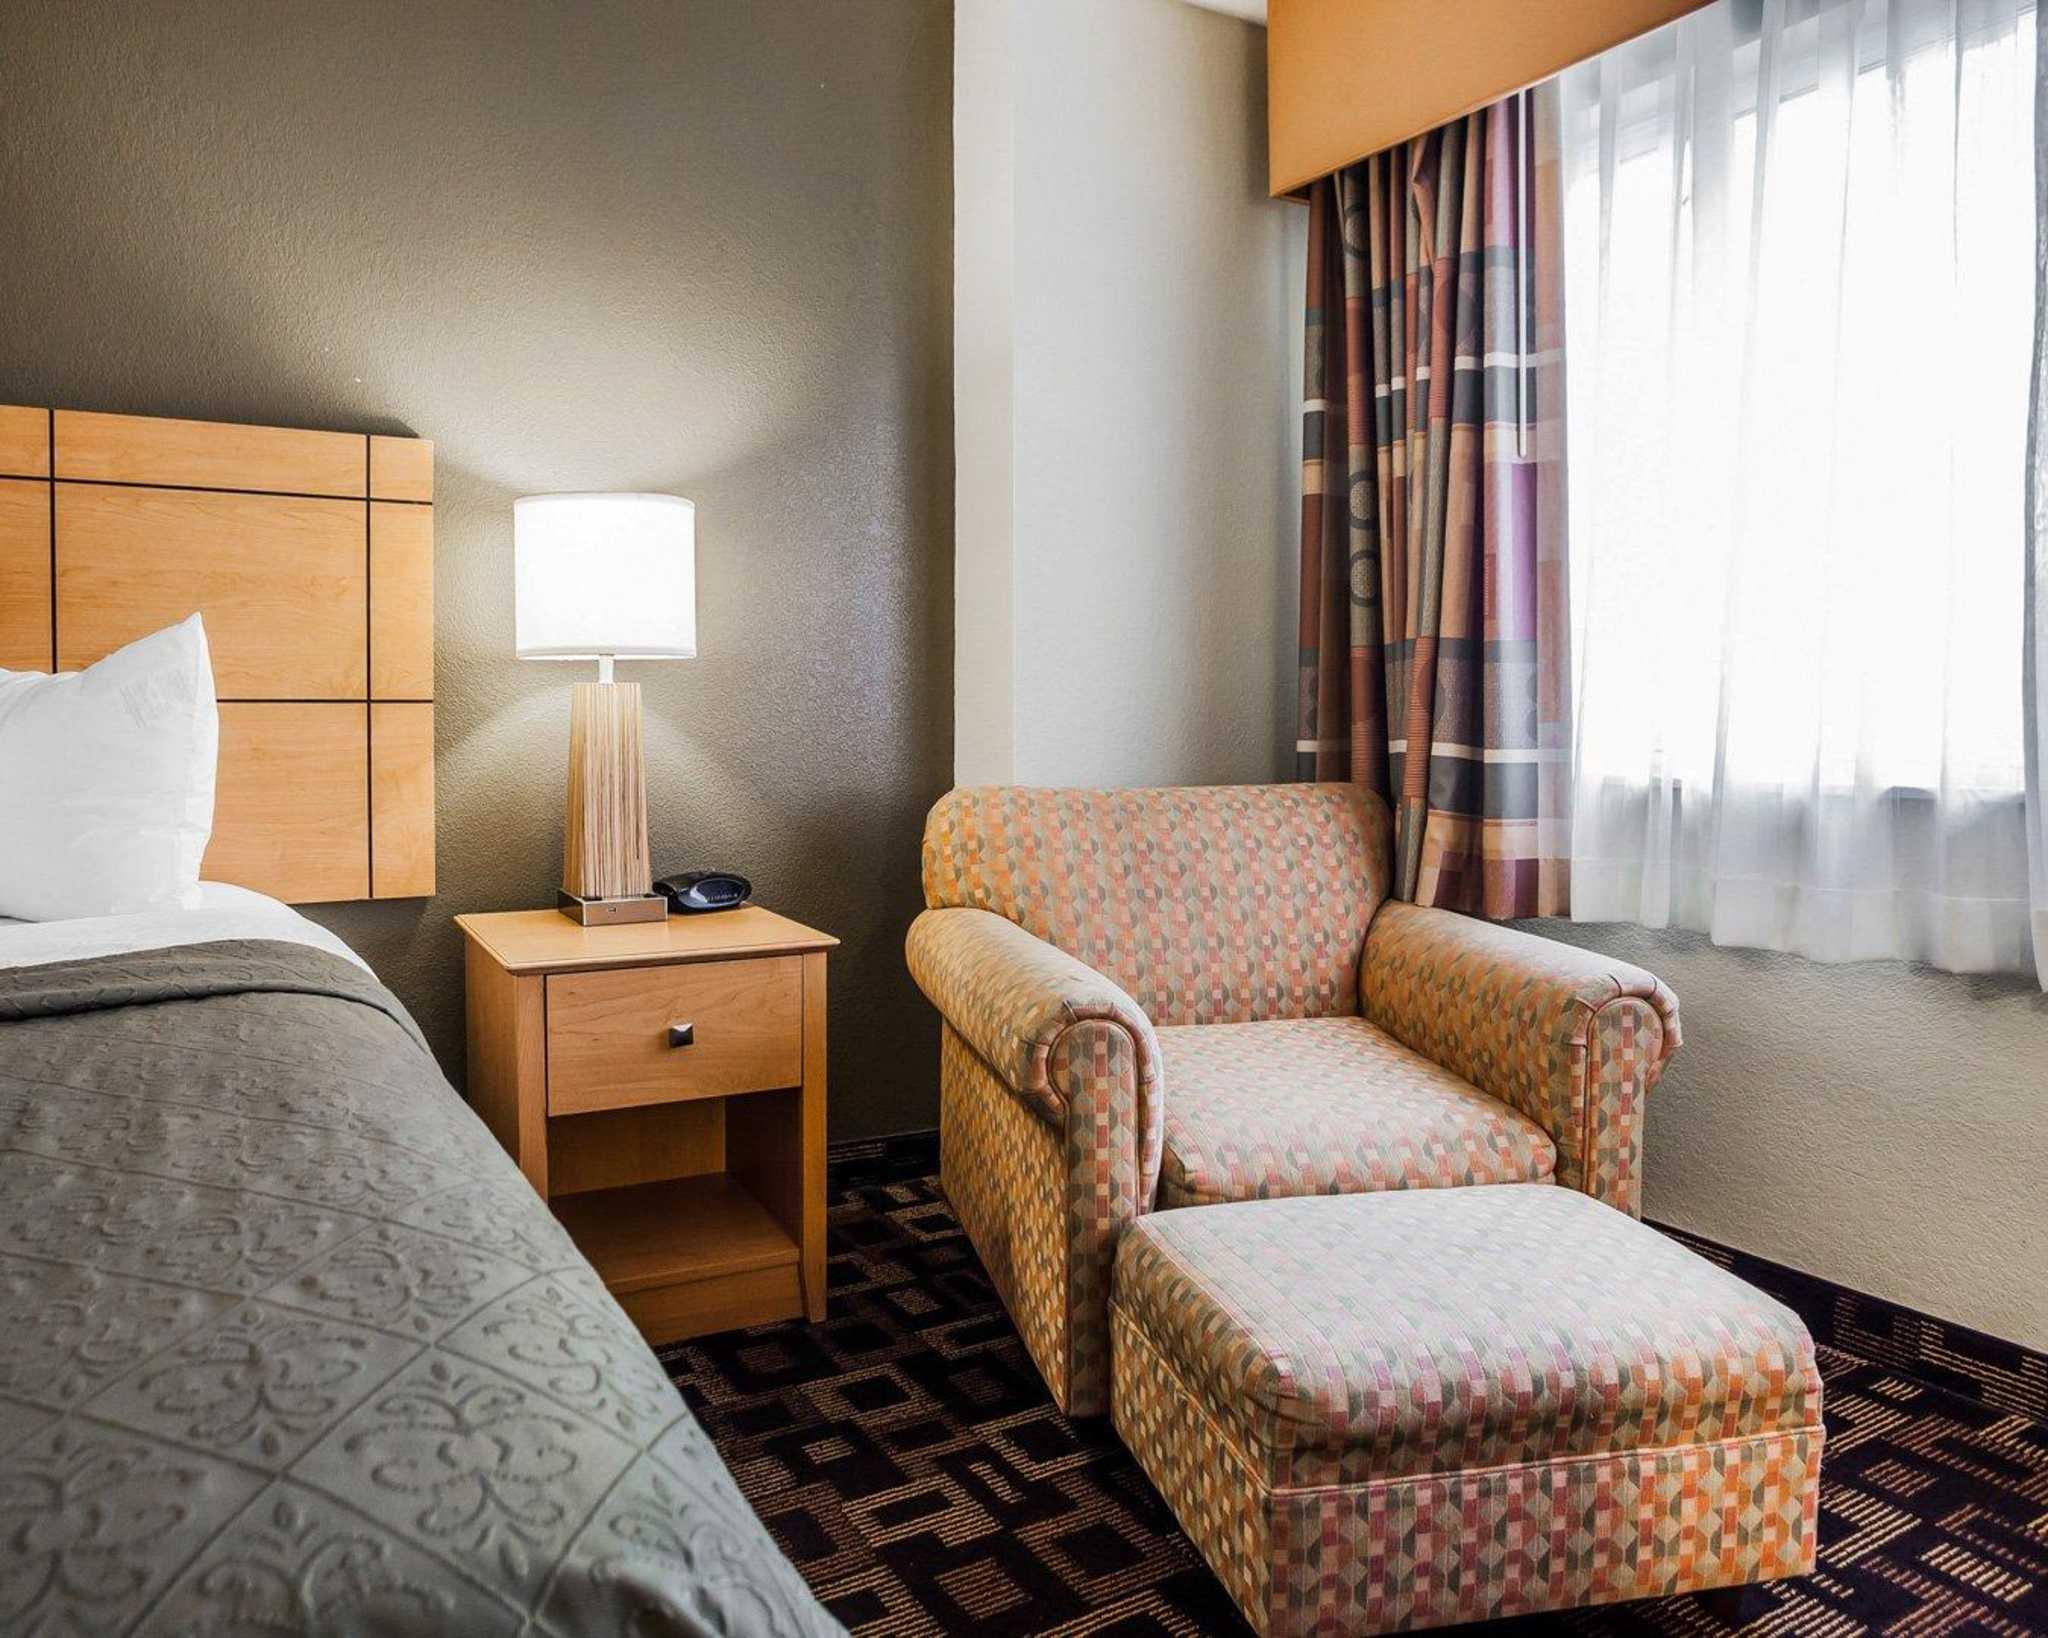 Quality Inn & Suites Des Moines Airport image 9